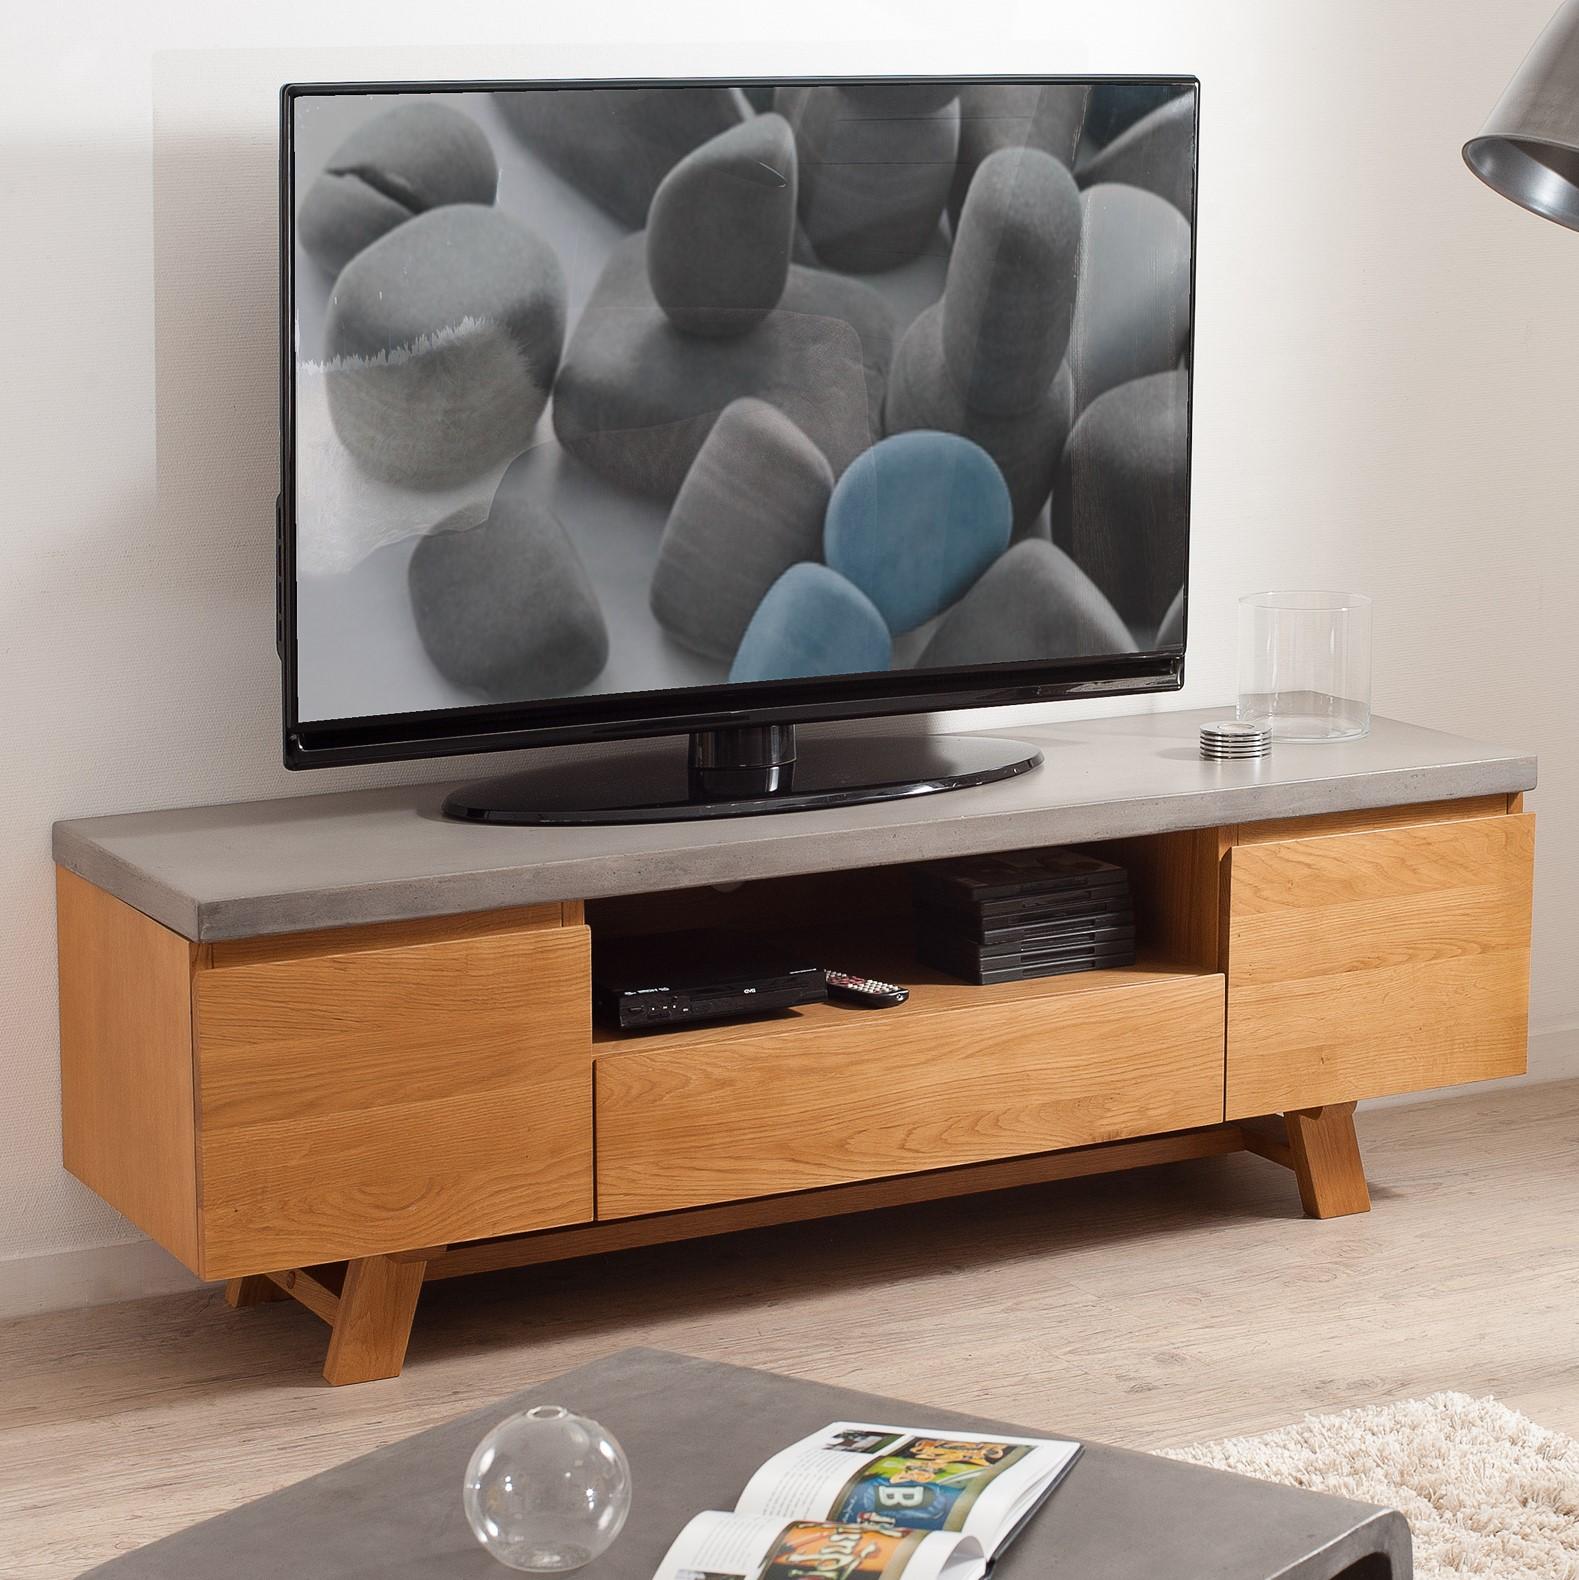 meuble tv chene et beton 2 portes 1 tiroir 150x45 ferrer meubles tv pier import